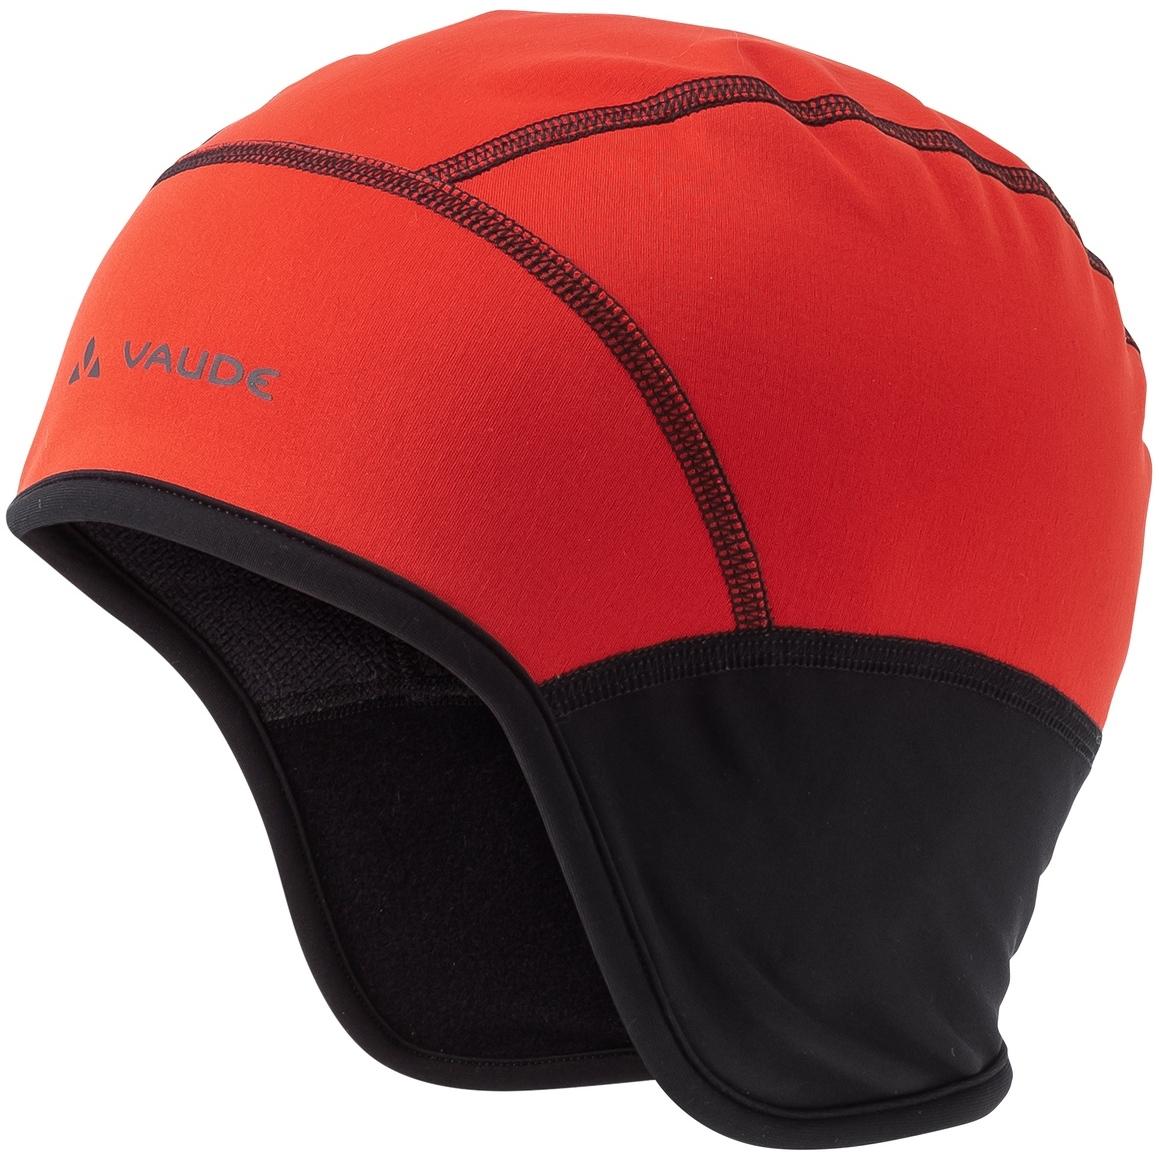 Vaude Bike Windproof Cap III Unterhelm - mars red